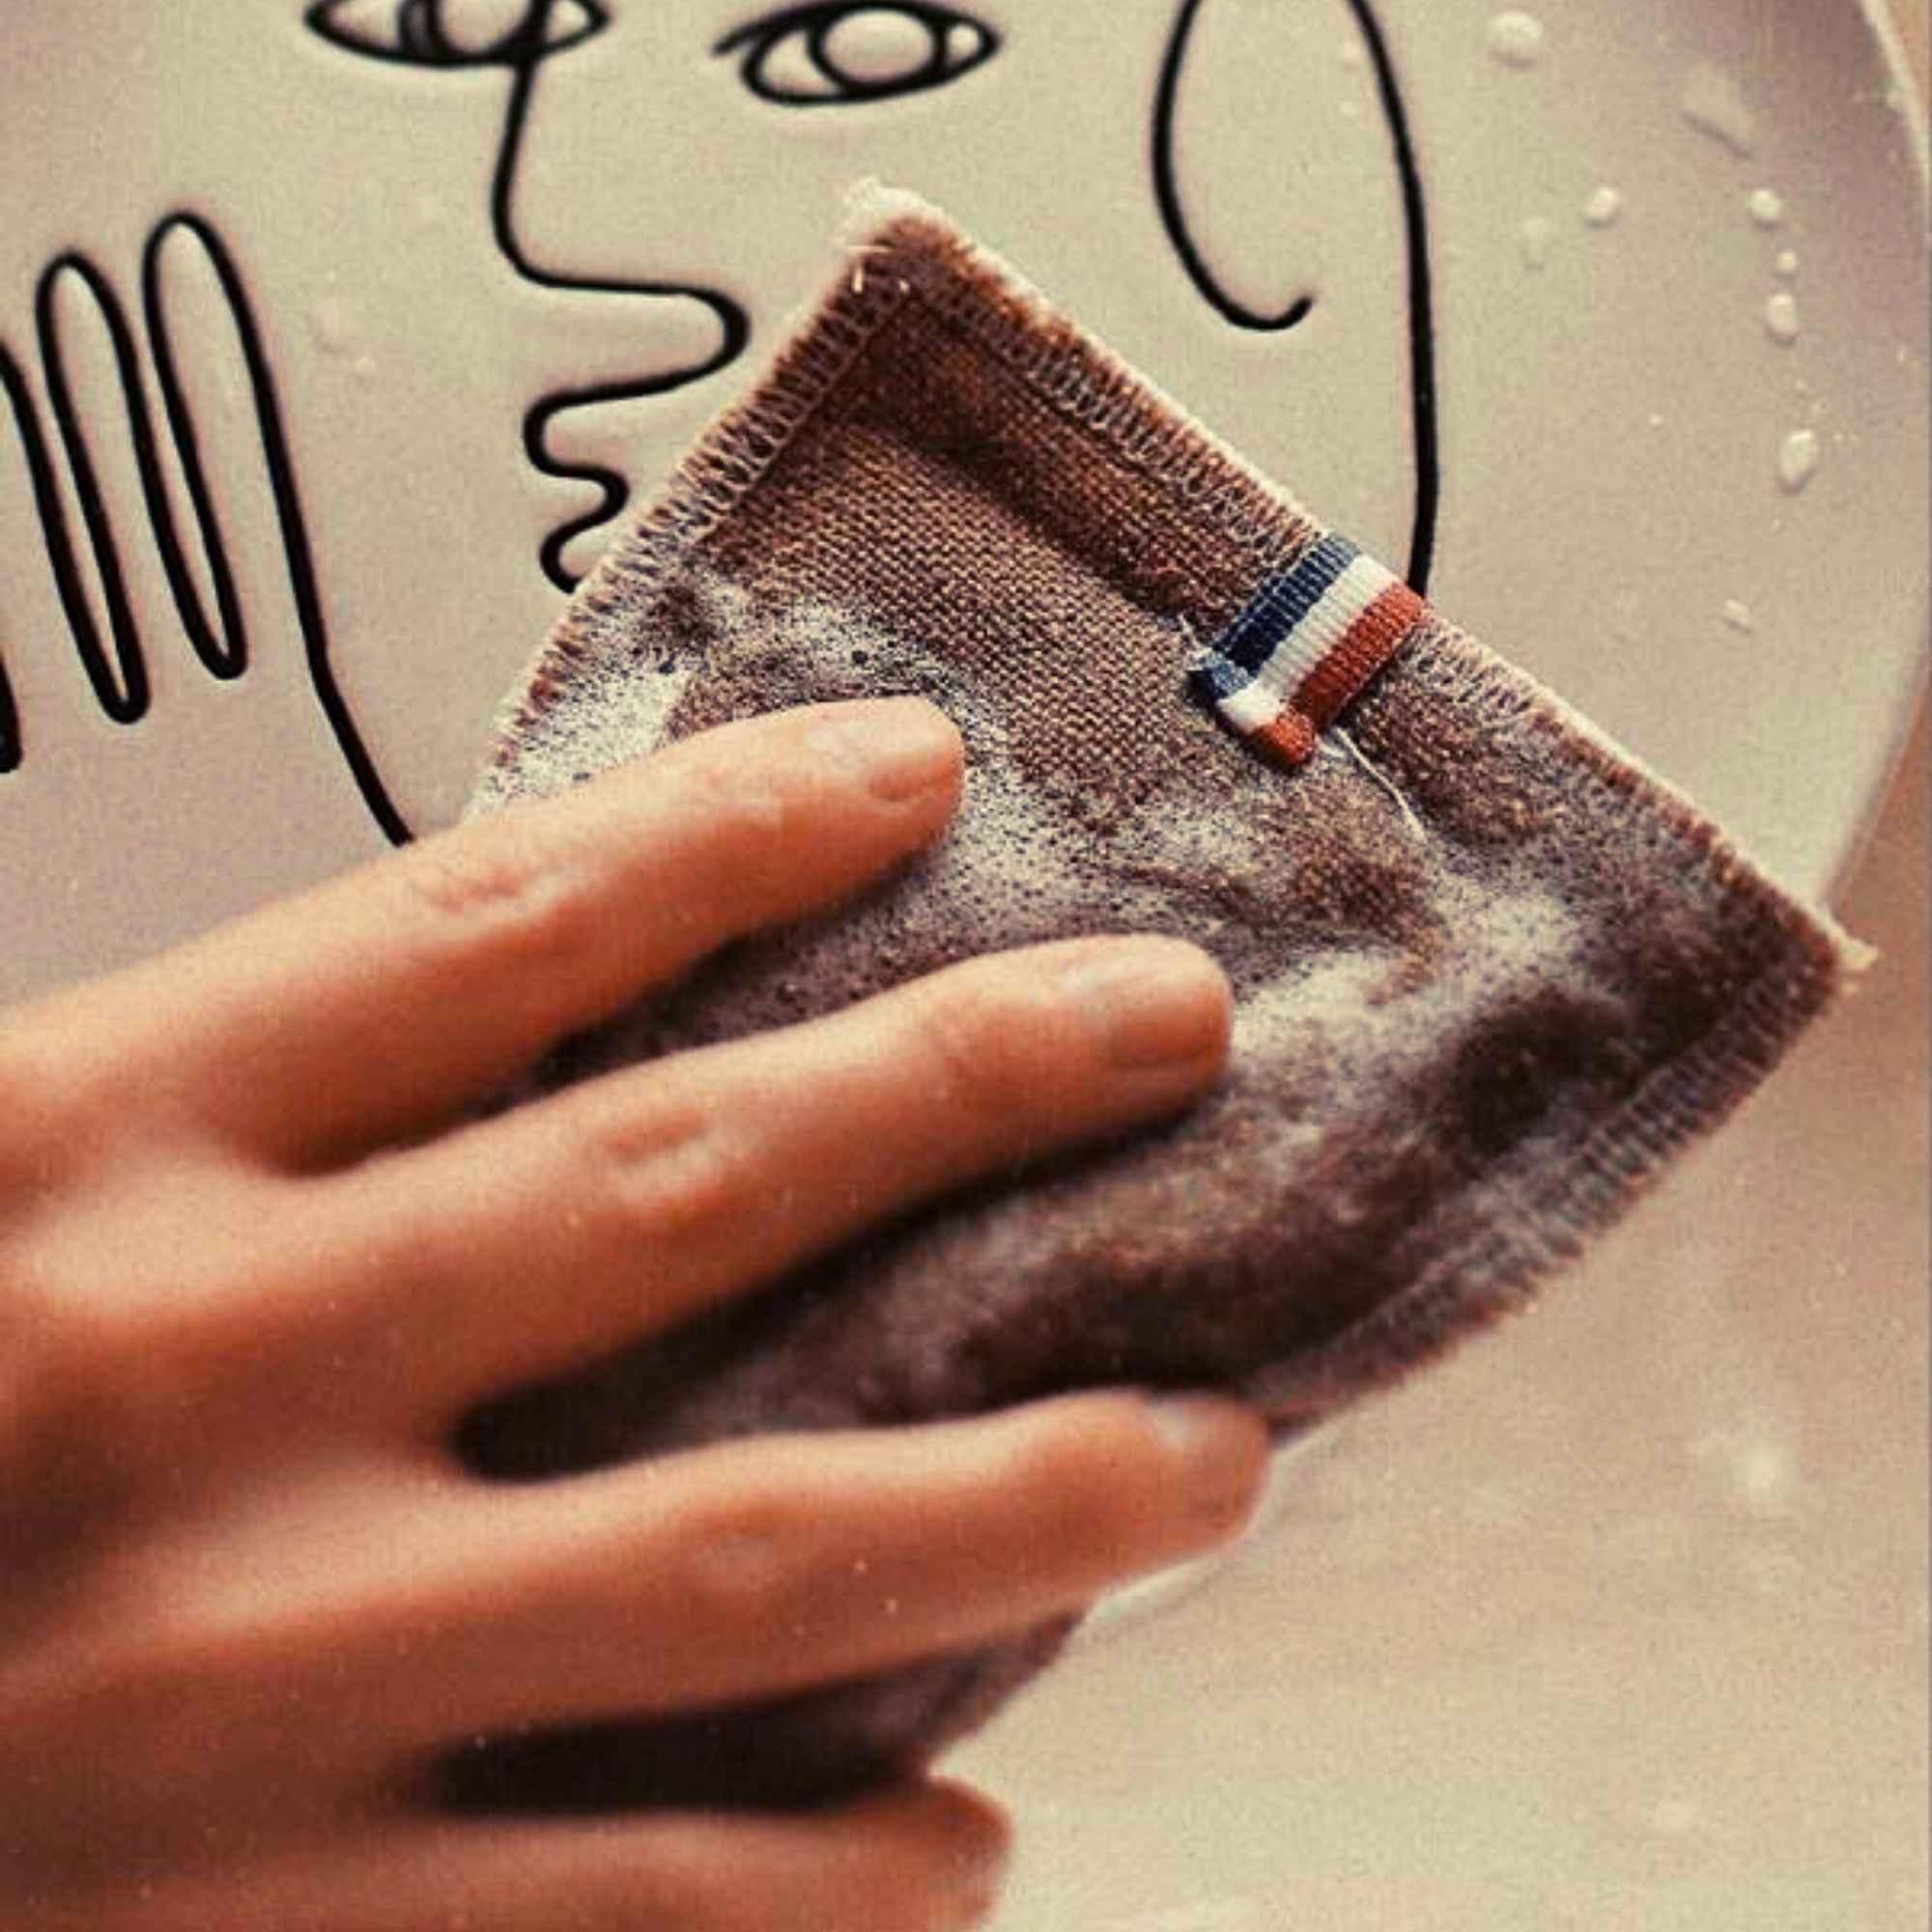 eponge ecologique lavable fabriquee en france trust society